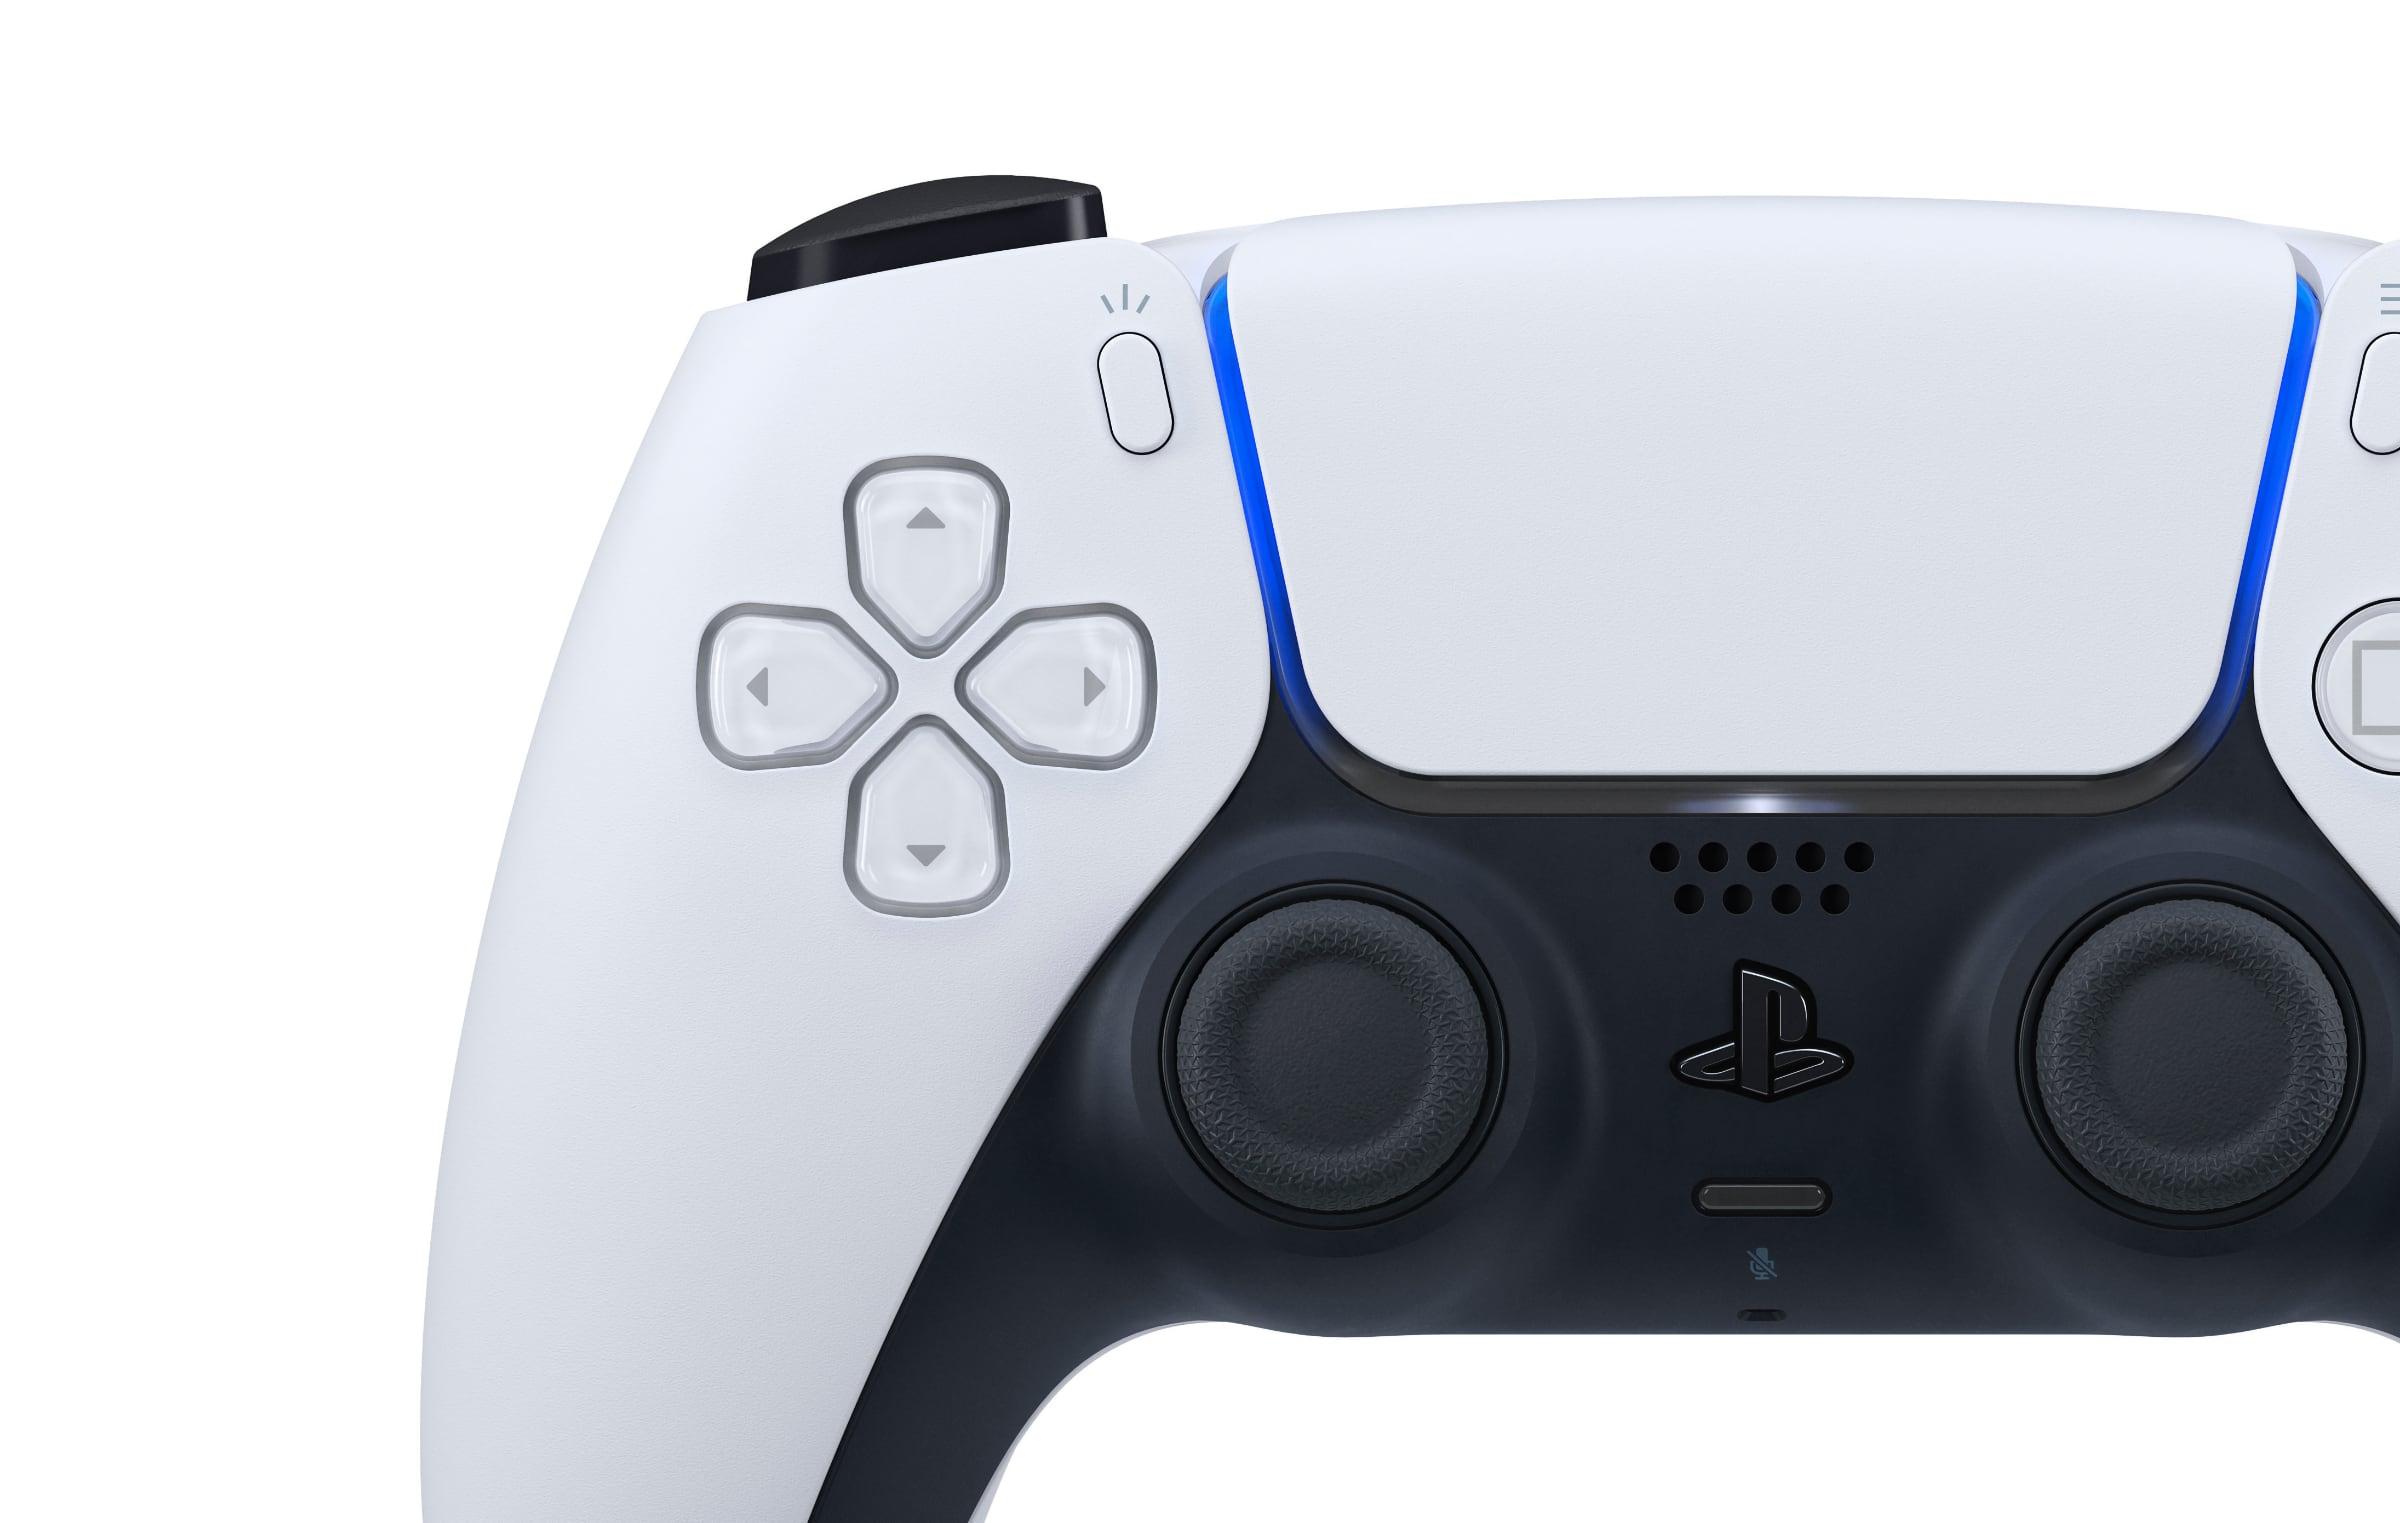 Sony chỉ đặt mục tiêu bán 5-6 triệu máy PS5 trong năm đầu, thấp hơn hẳn PS4